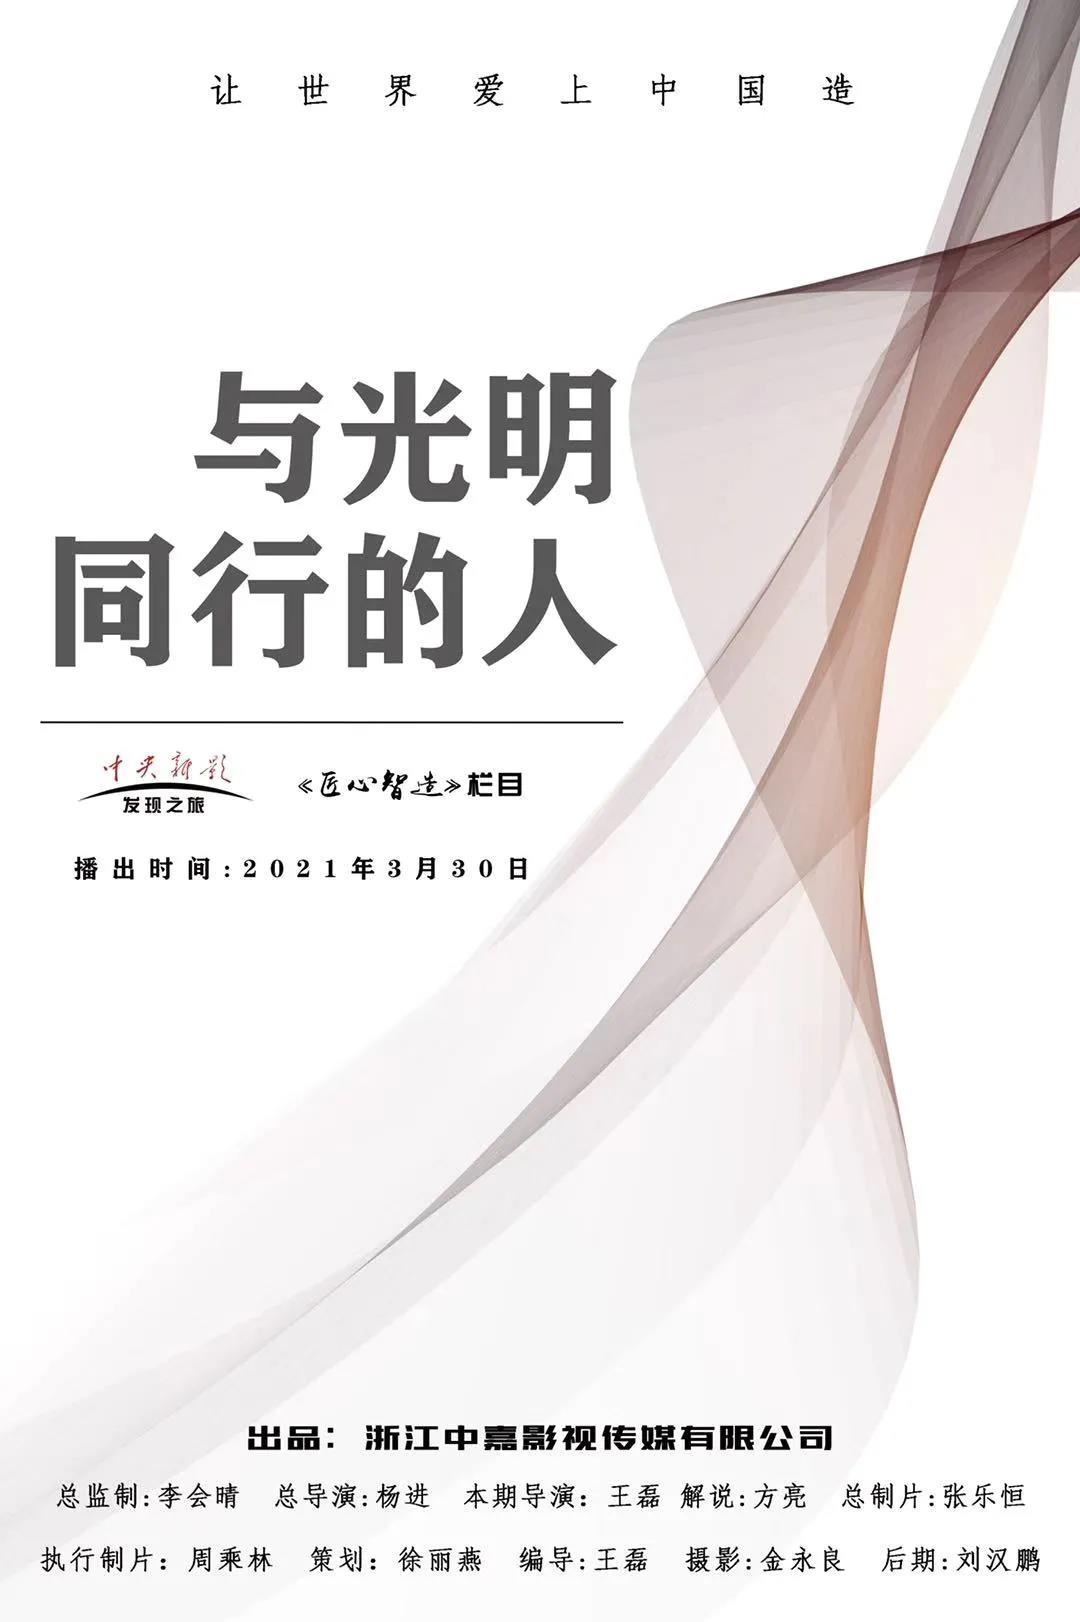 激动人心——上海轶德医疗纪录片《与光明同行的人》正式发布